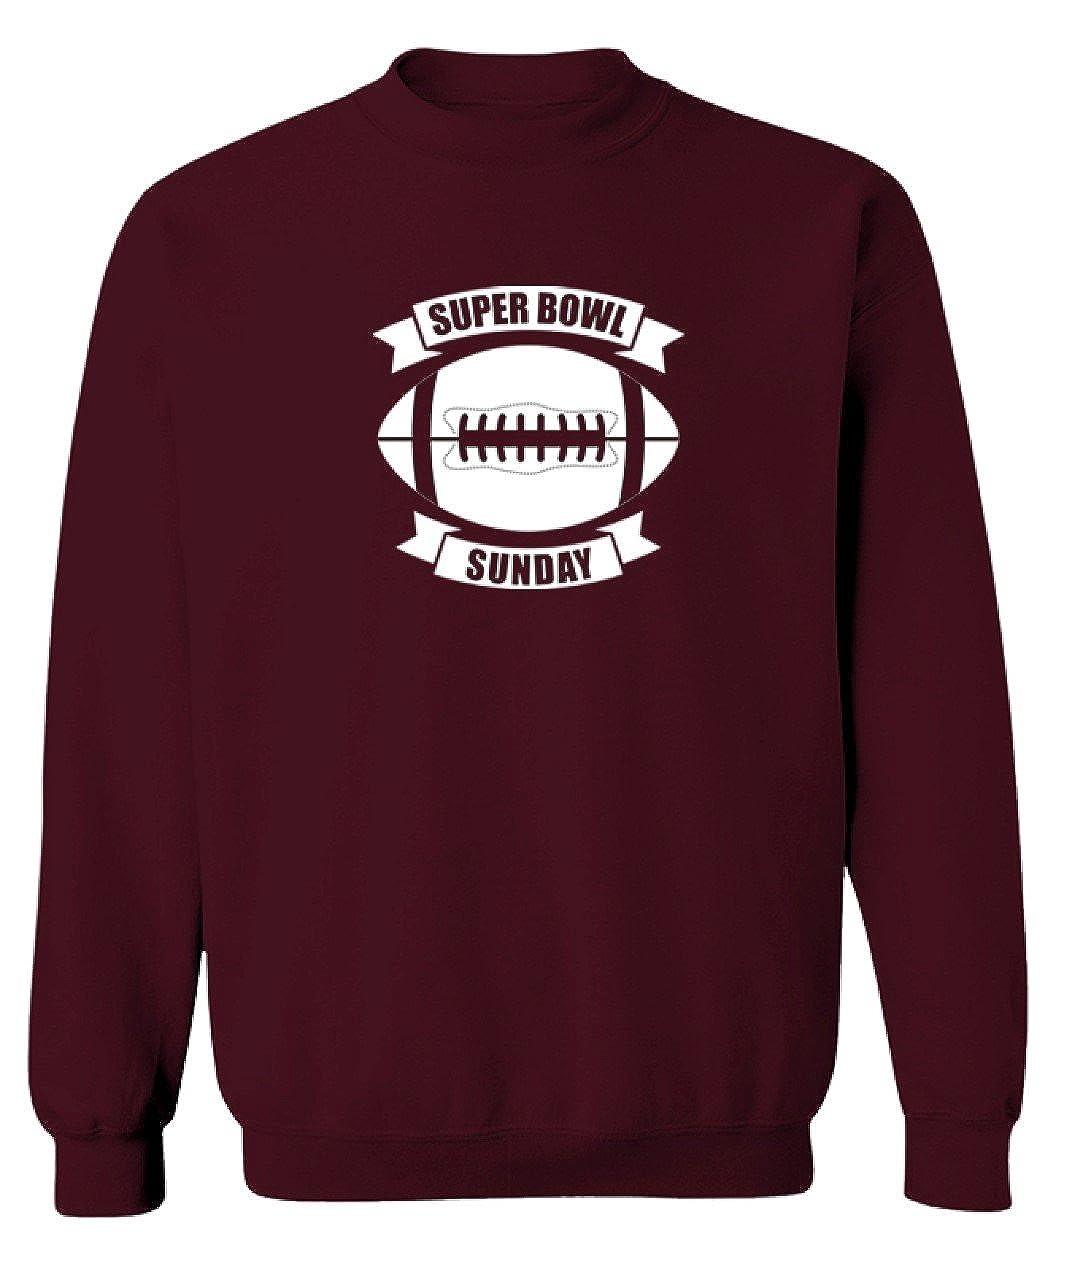 63037eca08f Super Bowl T Shirt Designs - DREAMWORKS